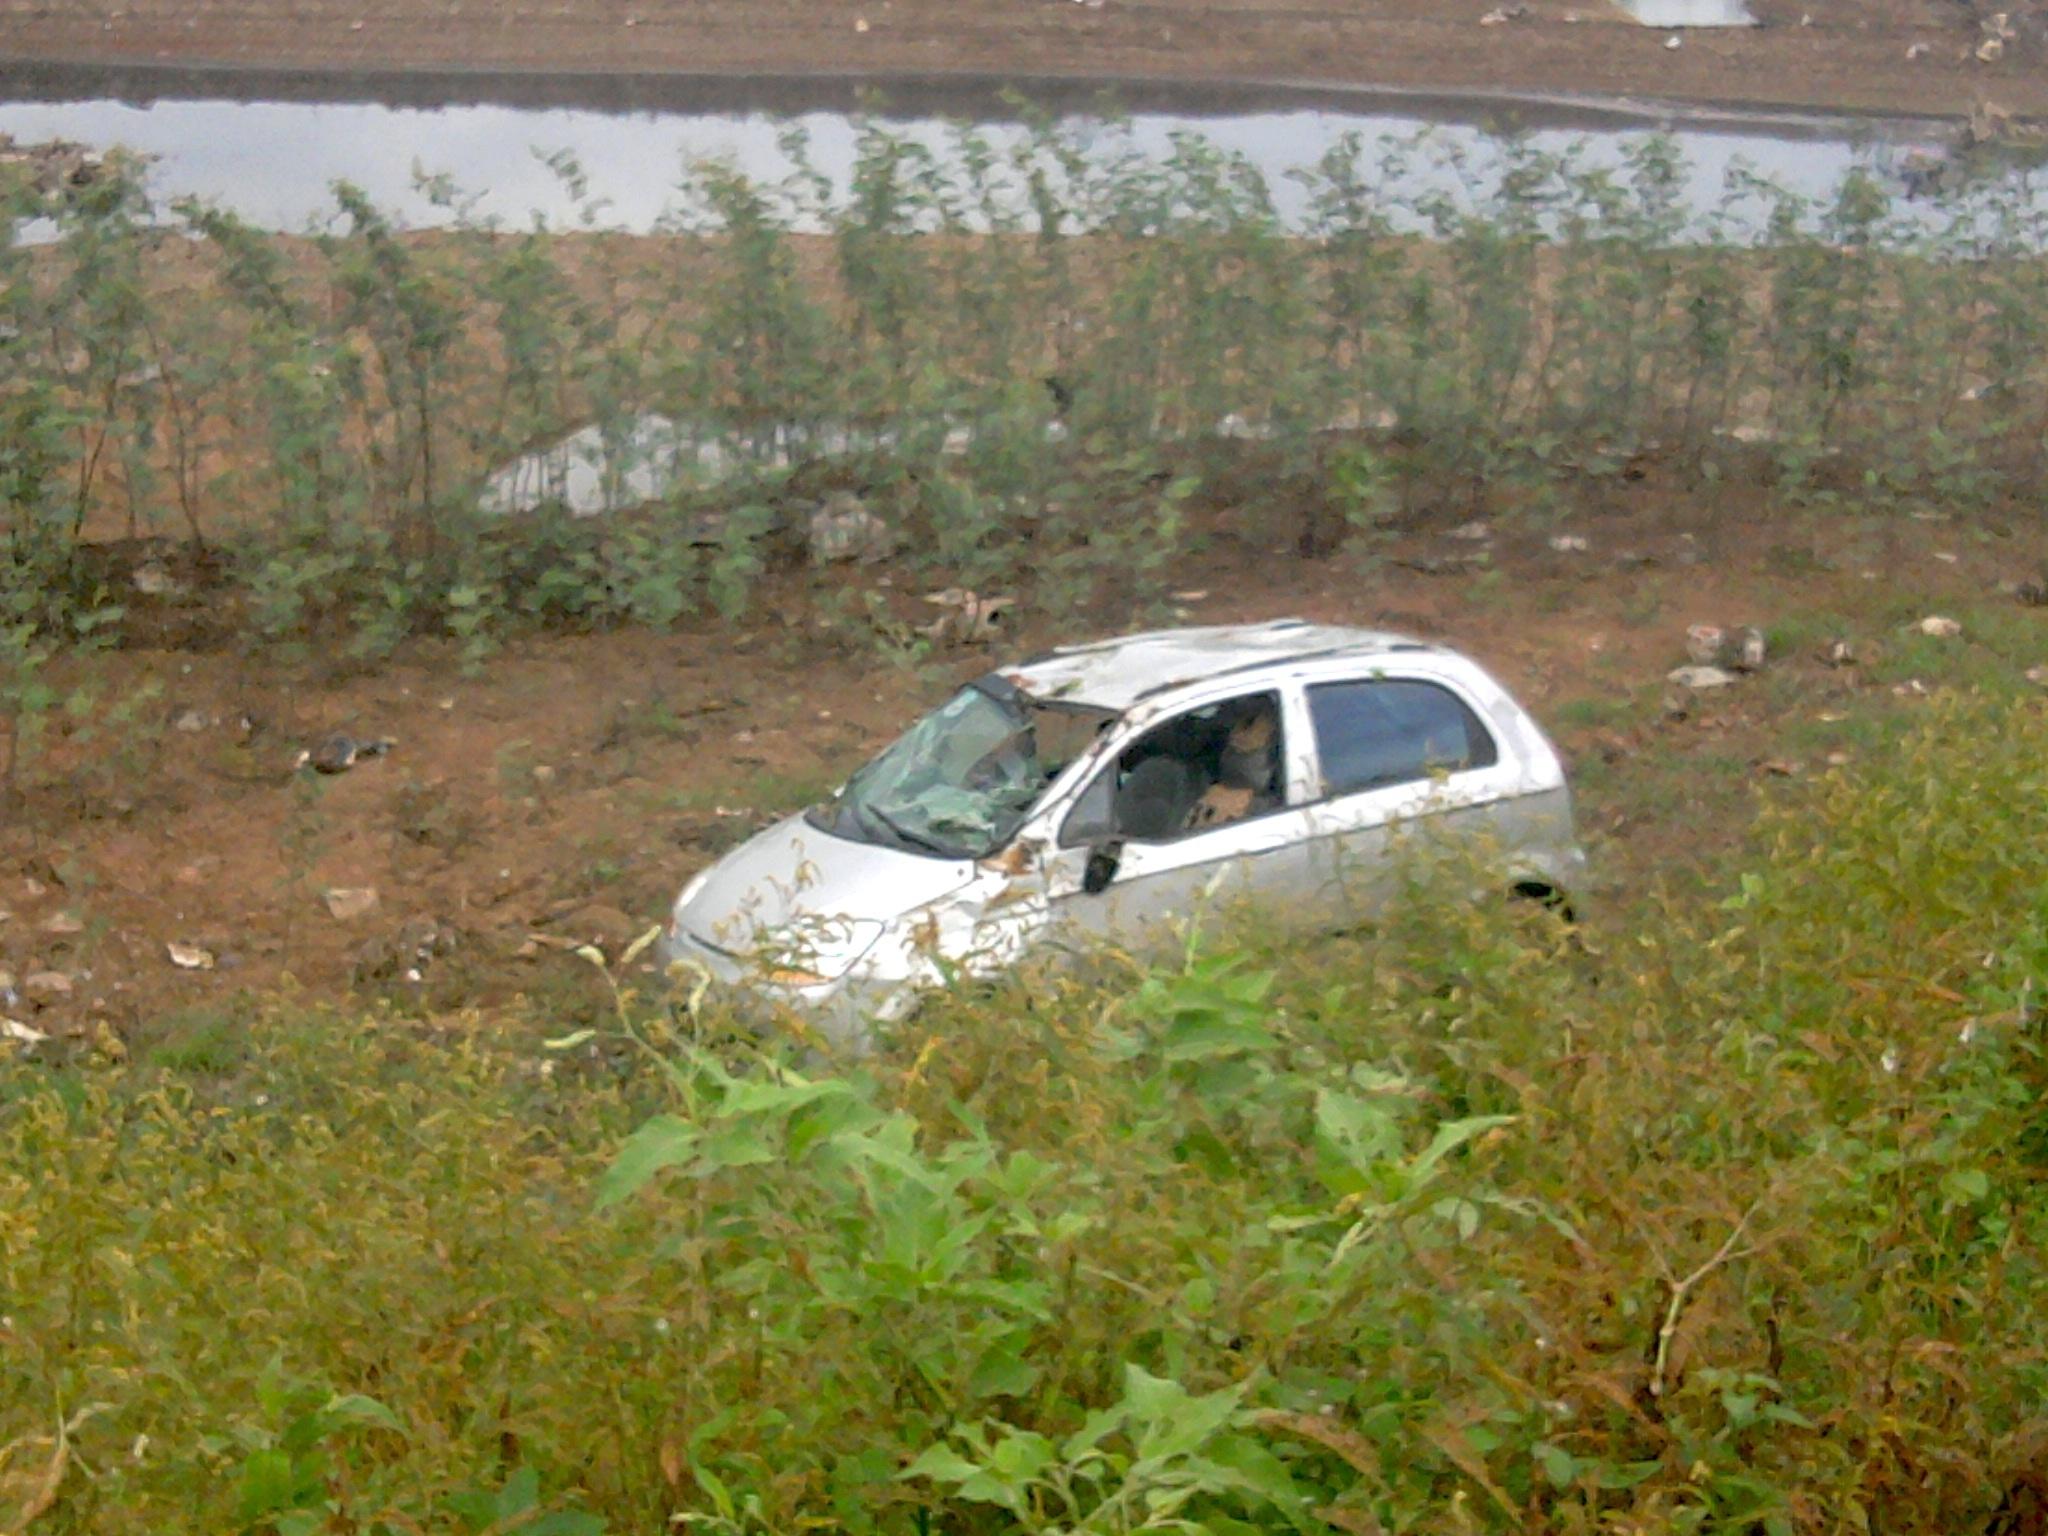 Chiếc ô tô mất lái lao từ đê có độ cao 5m so với mép sông cạn